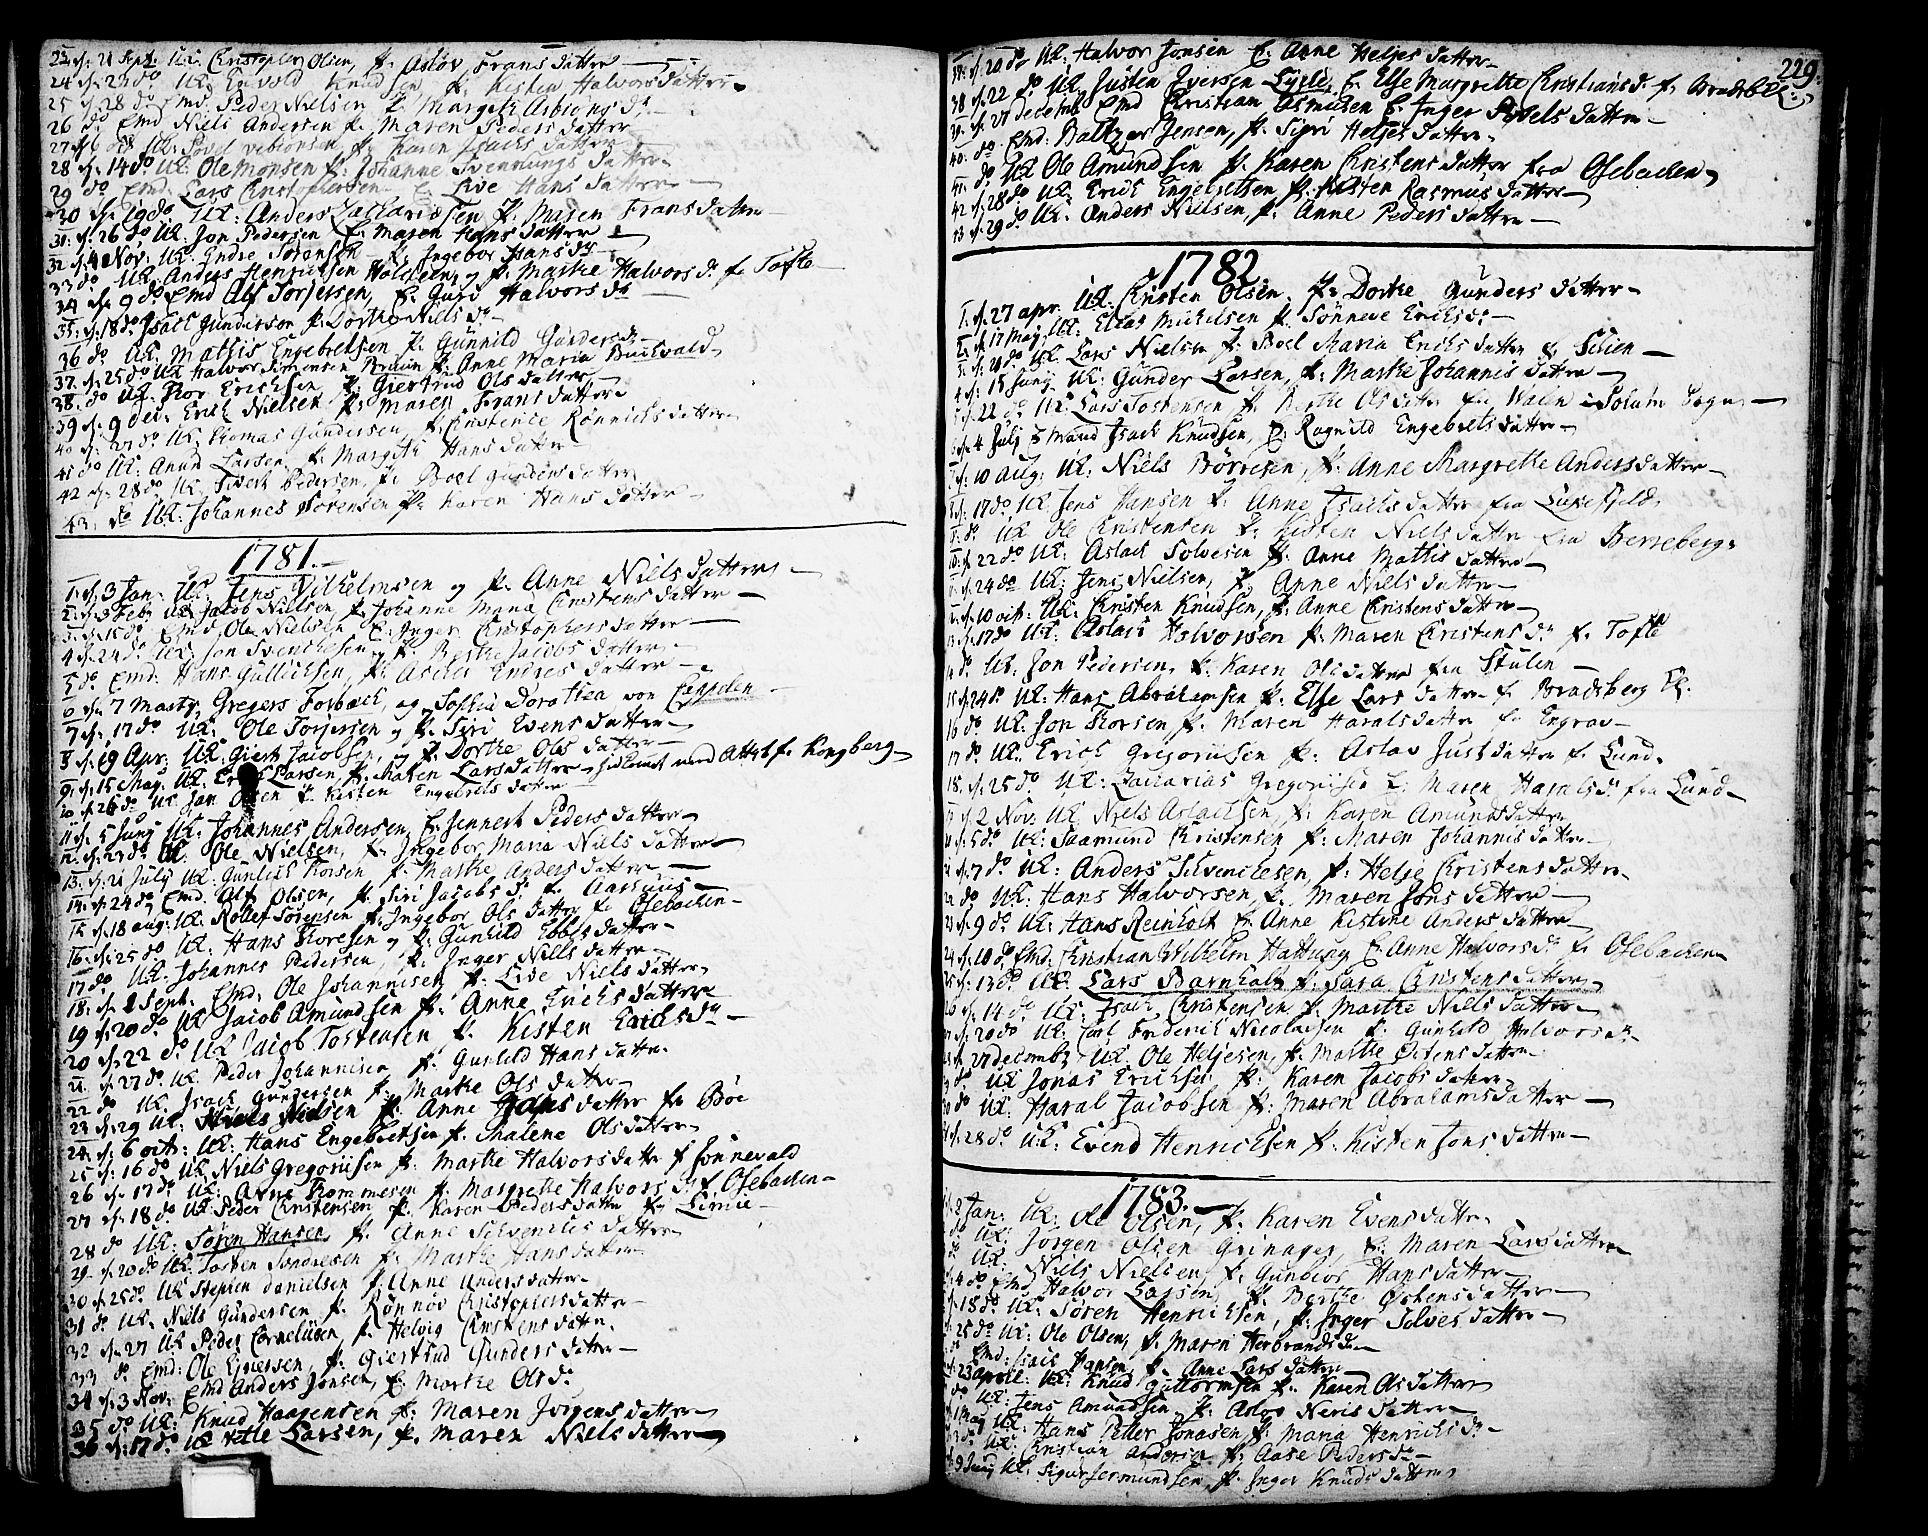 SAKO, Gjerpen kirkebøker, F/Fa/L0002: Ministerialbok nr. 2, 1747-1795, s. 229